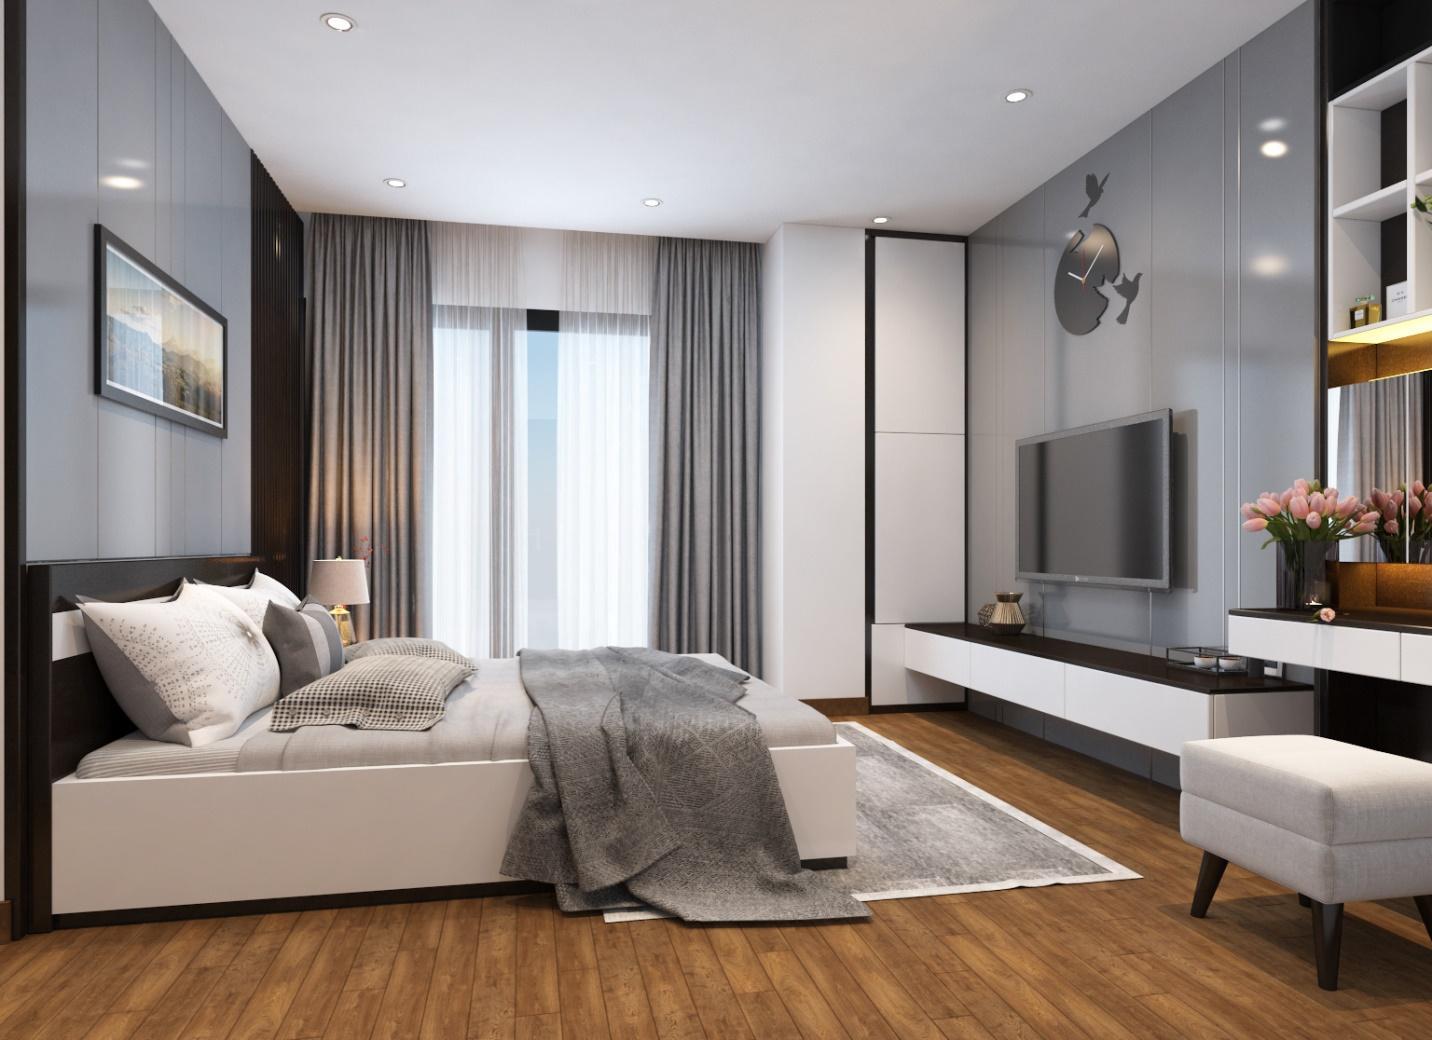 Thiết kế nội thất thiết kế nội thất chung cư 90m2hộ chung cư